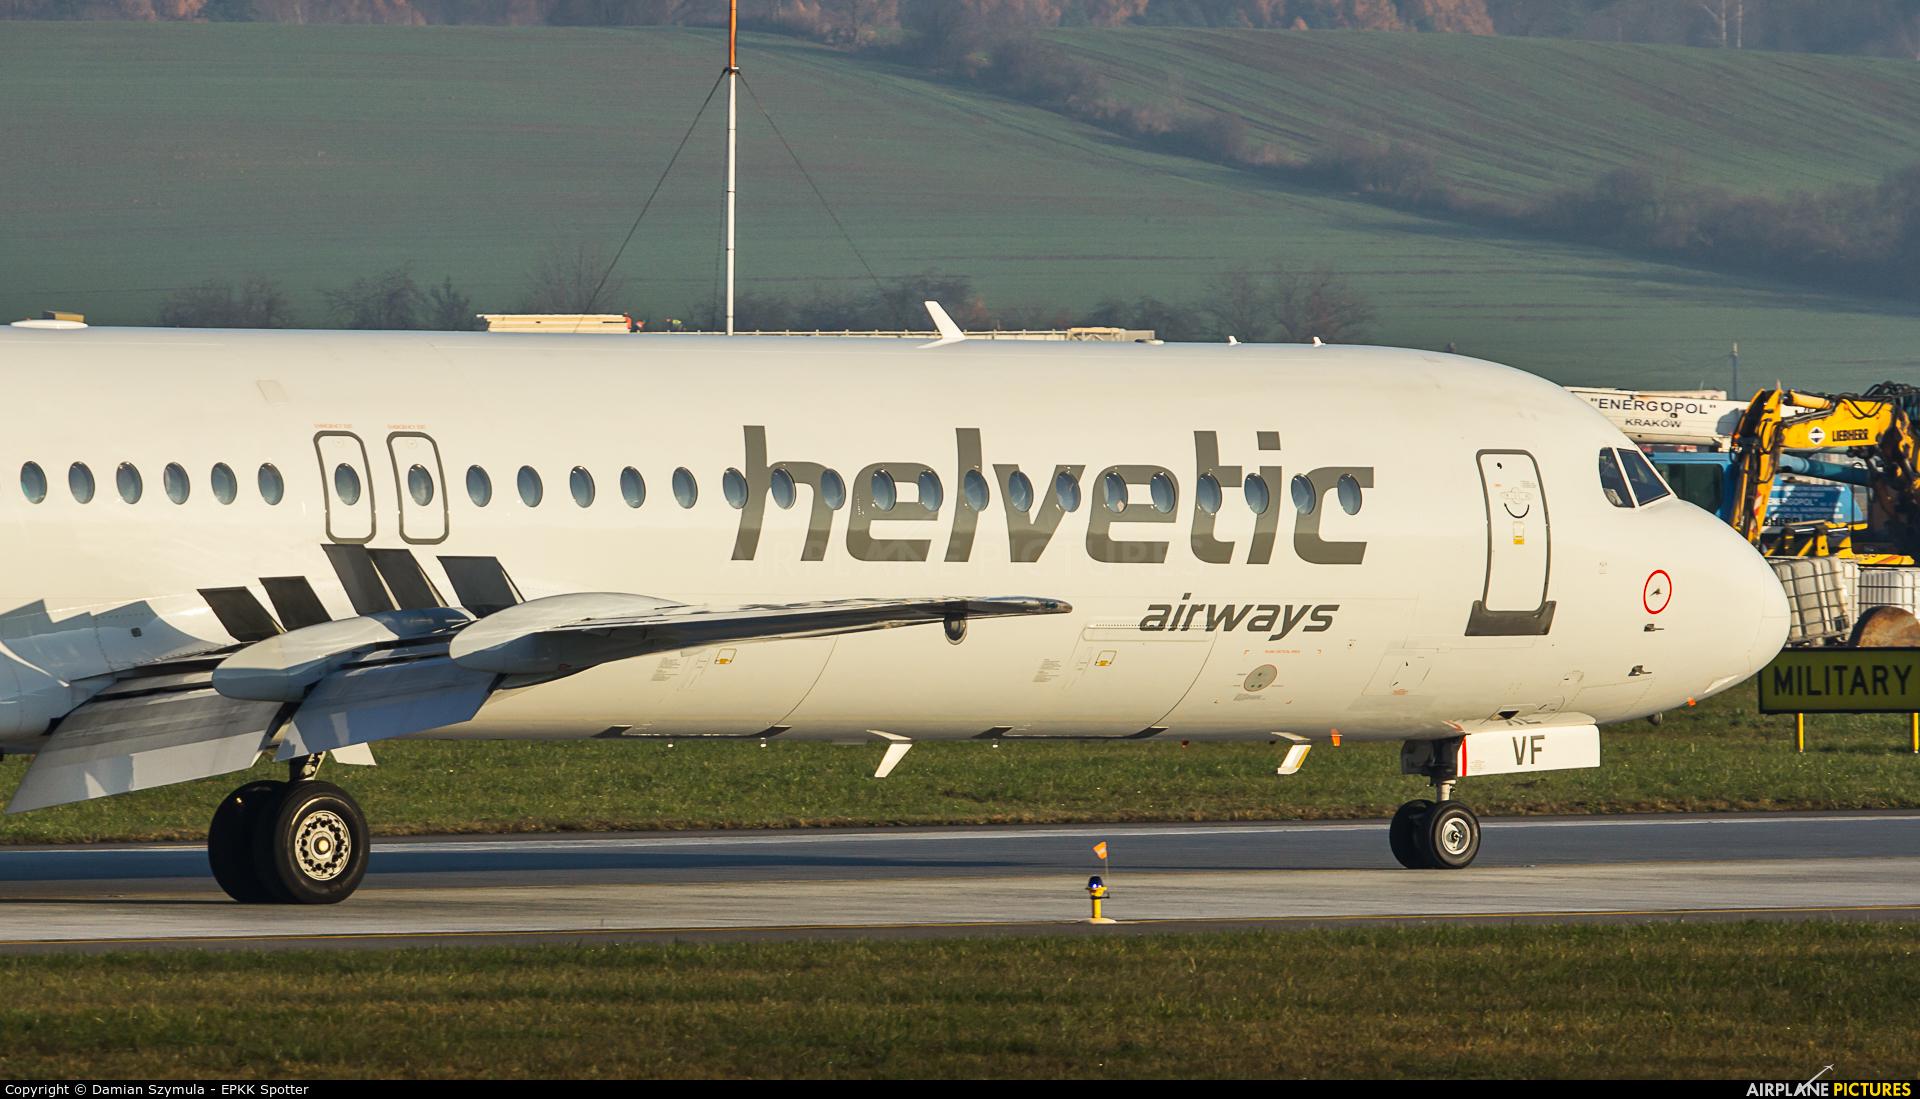 Helvetic Airways HB-JVF aircraft at Kraków - John Paul II Intl